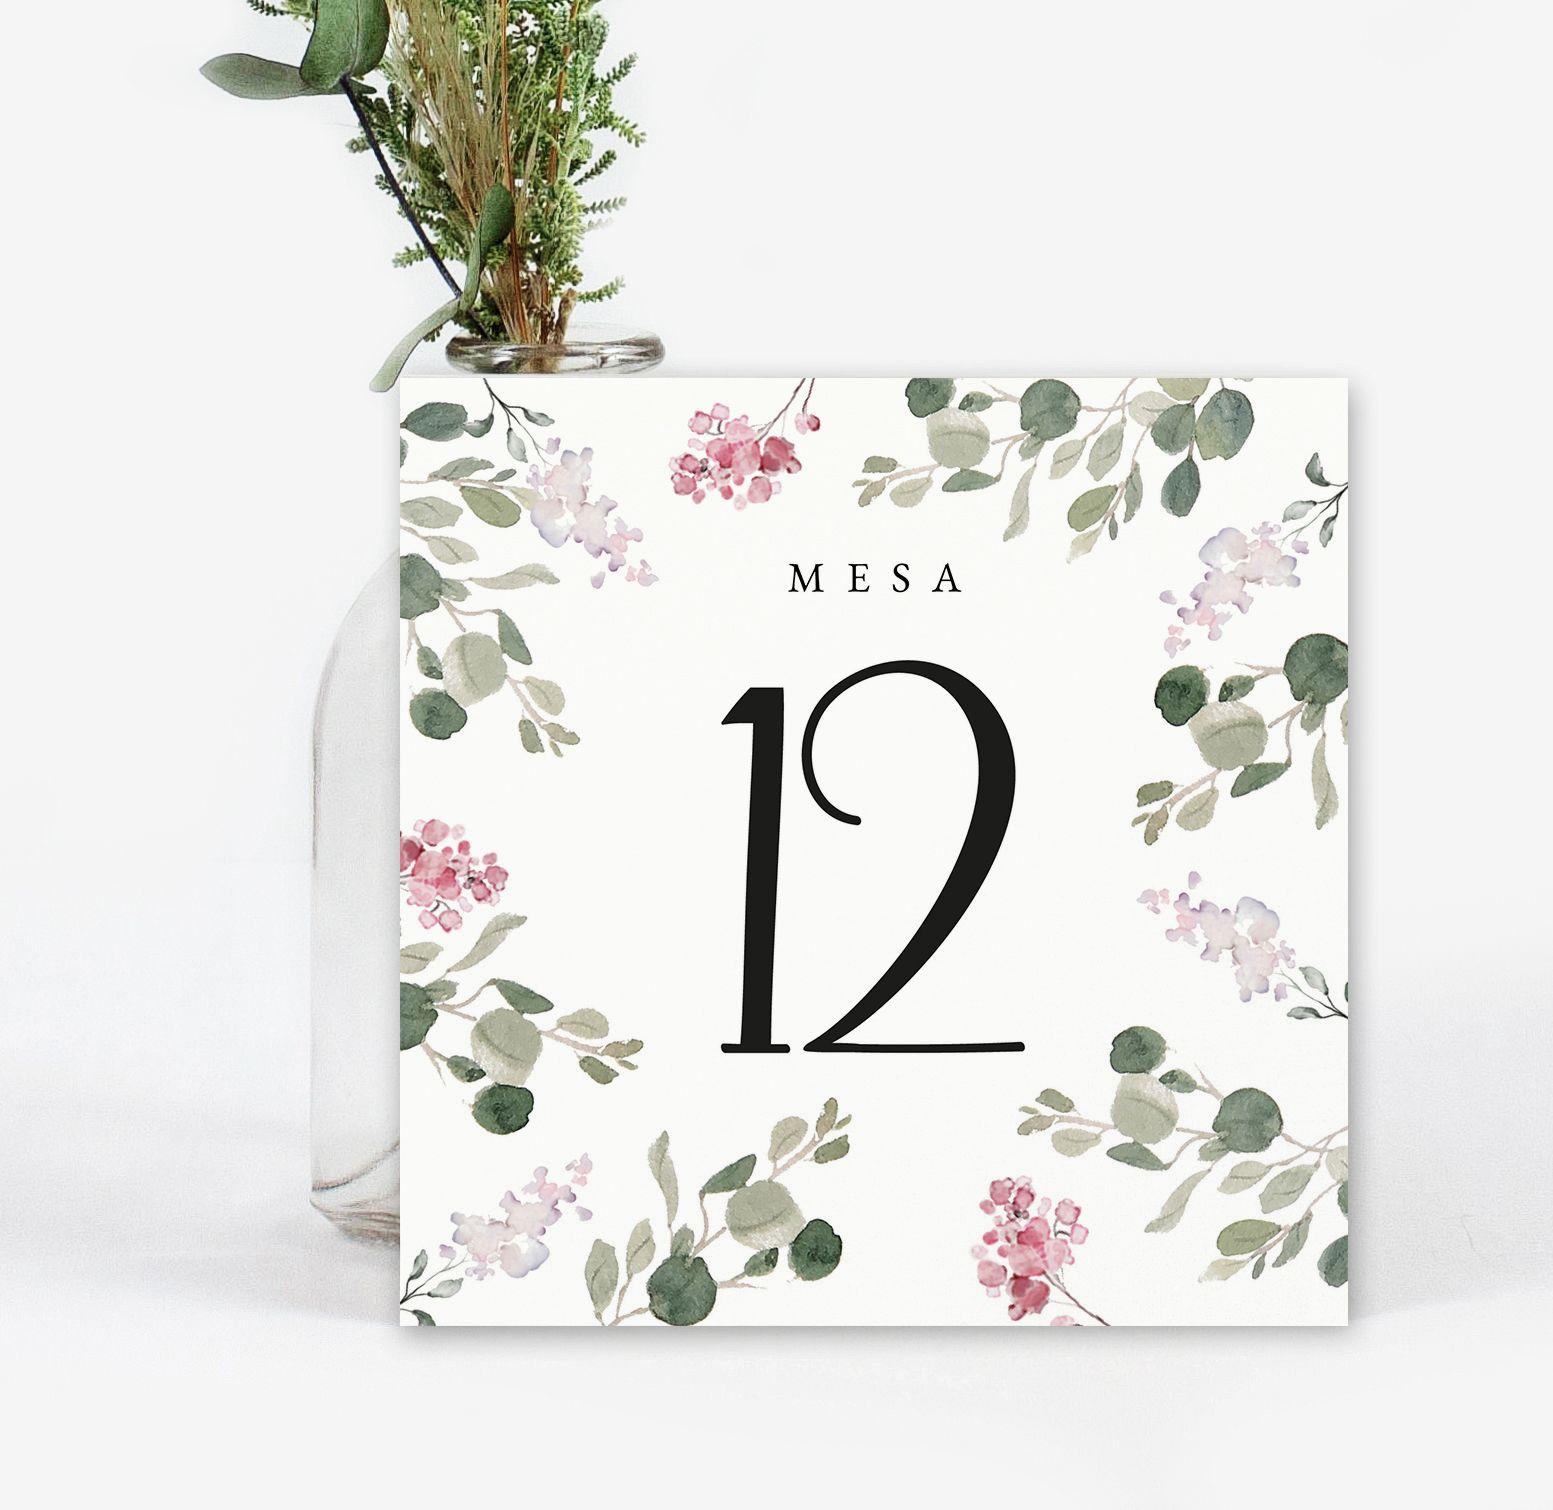 Número mesa boda Alba